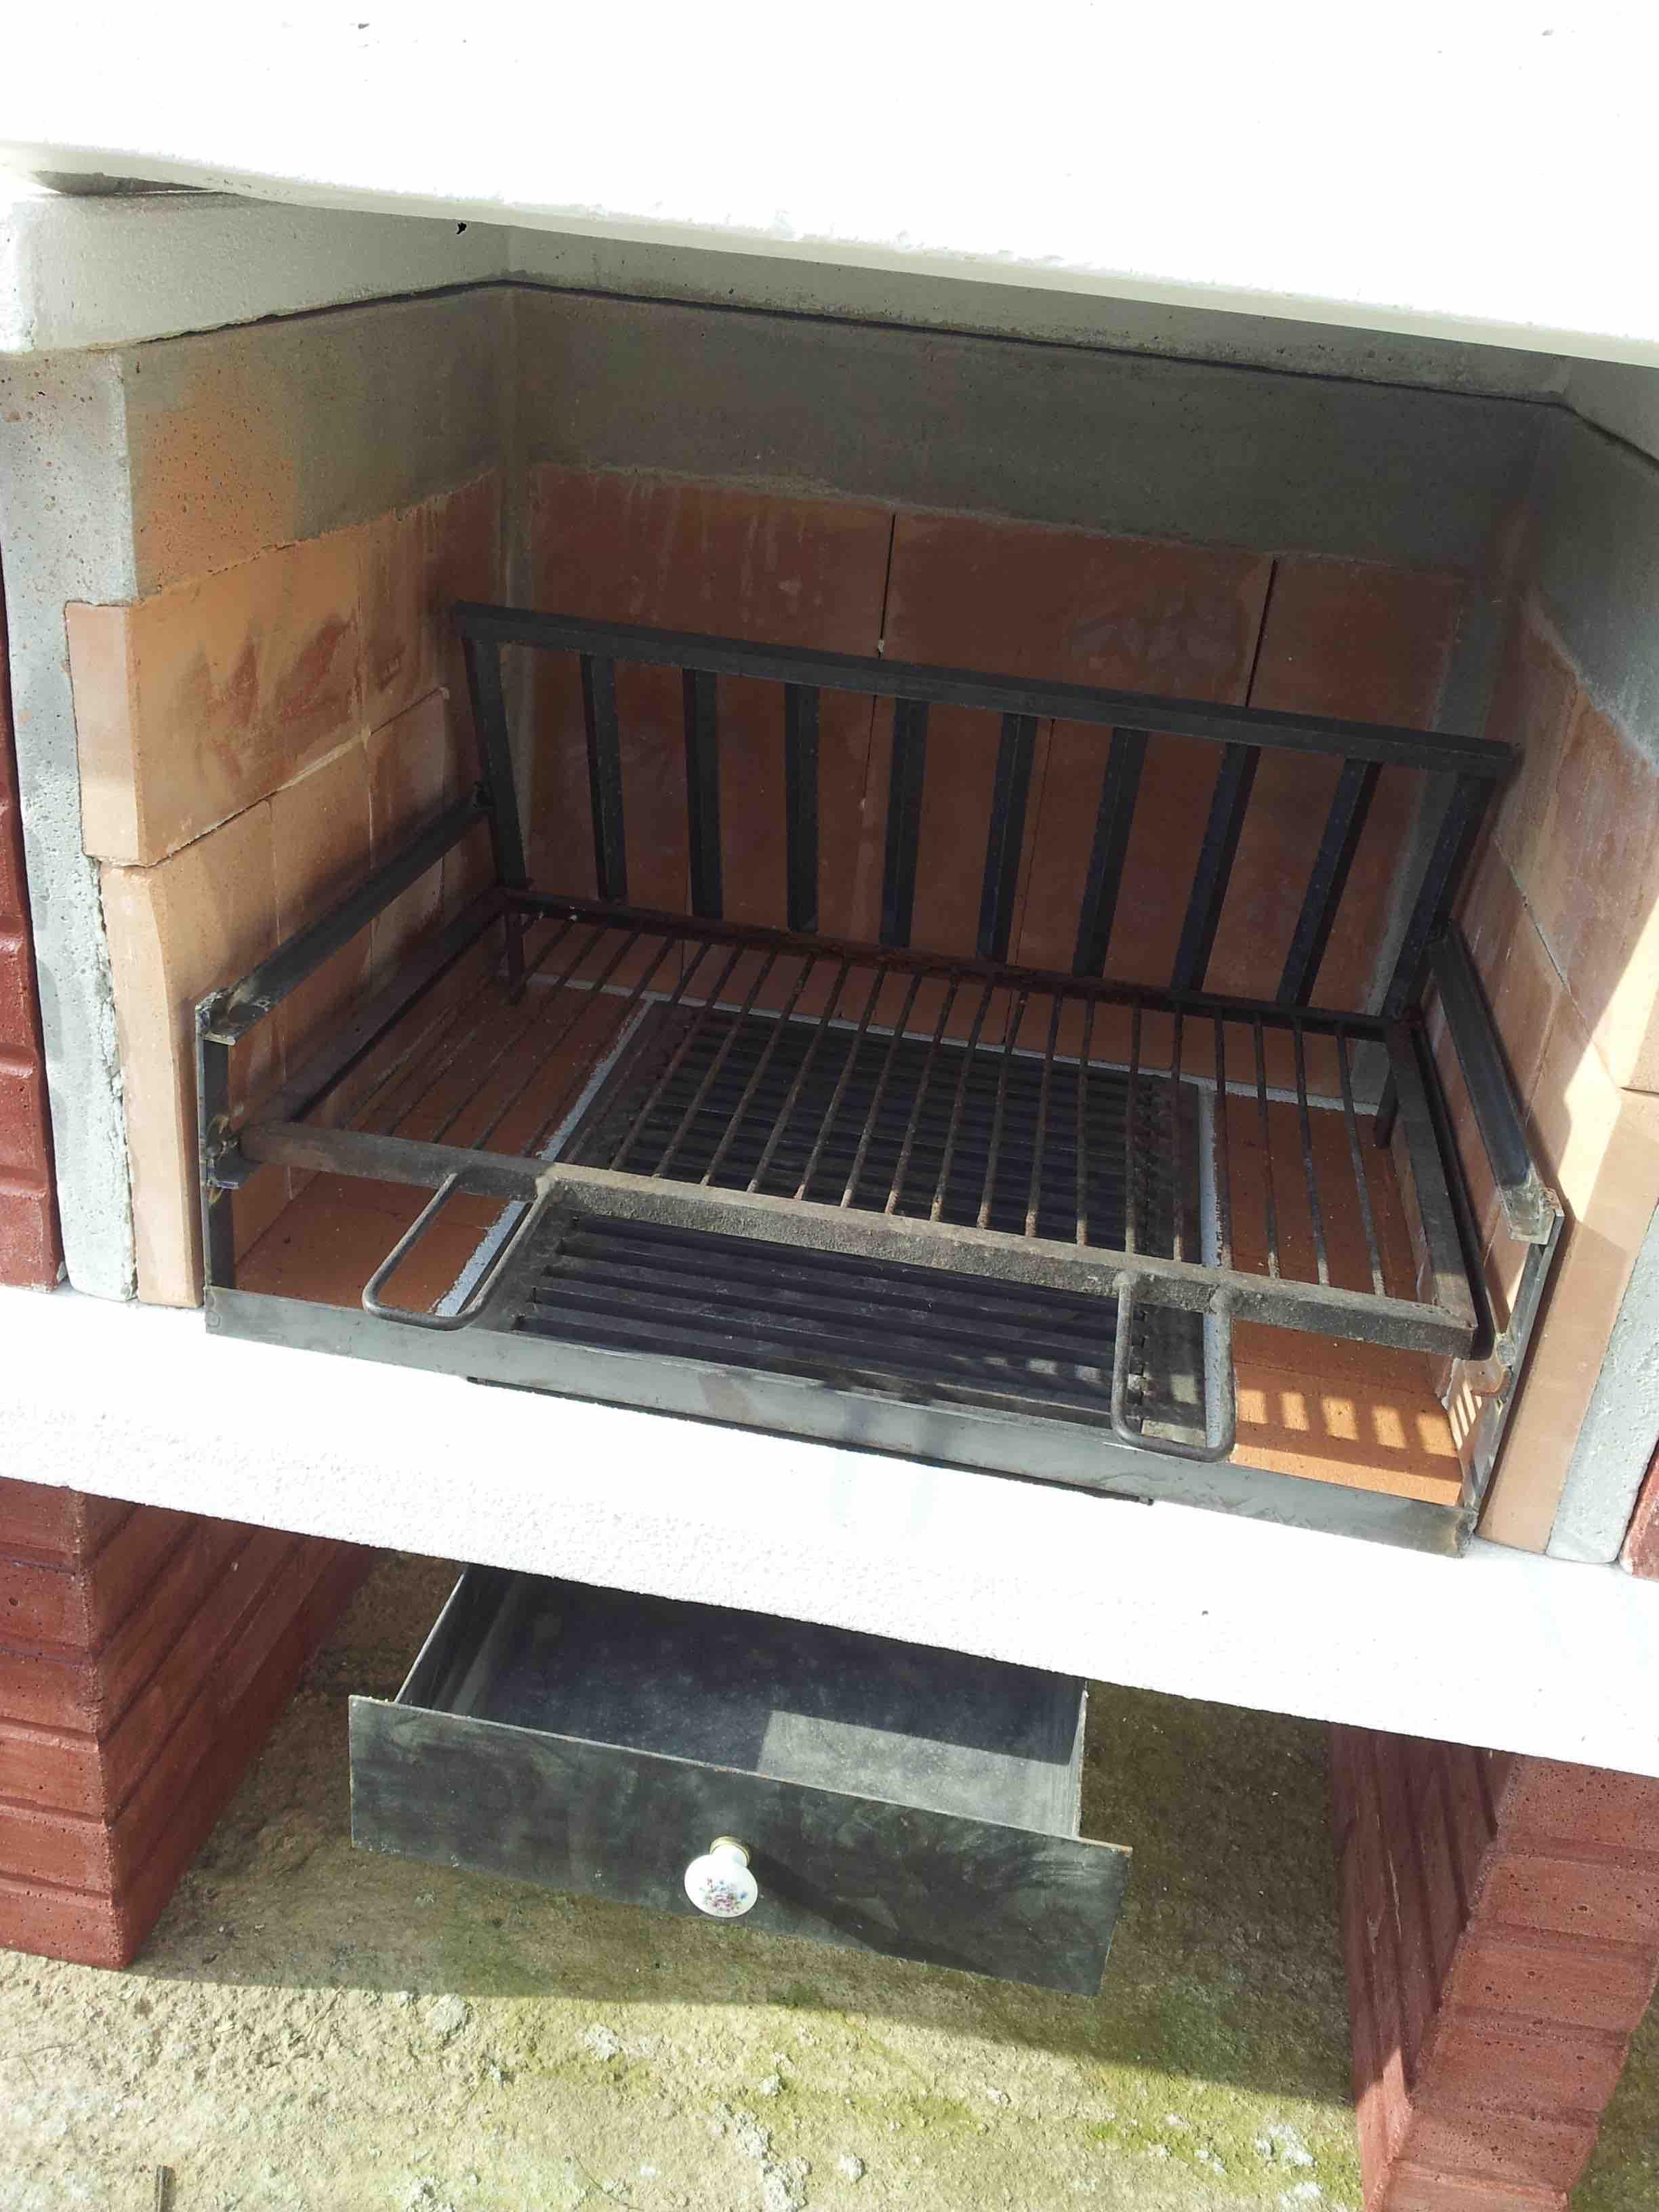 Barbecue la casa del giardino snc di paniccia emiliano e antonino - La casa del barbecue ...